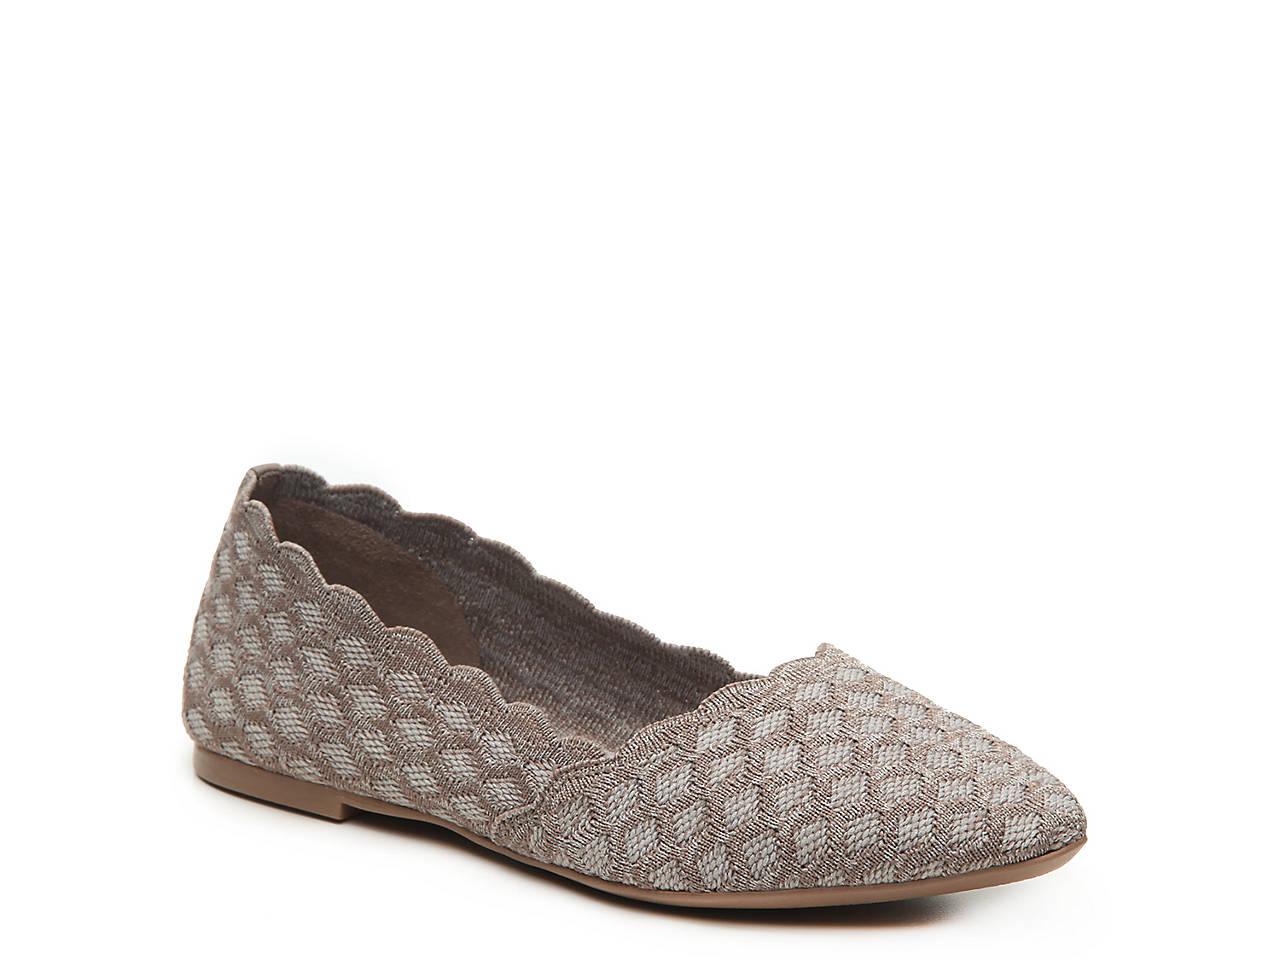 5a3fe5f3 Skechers Cleo Scallop Ballet Flat Women's Shoes | DSW